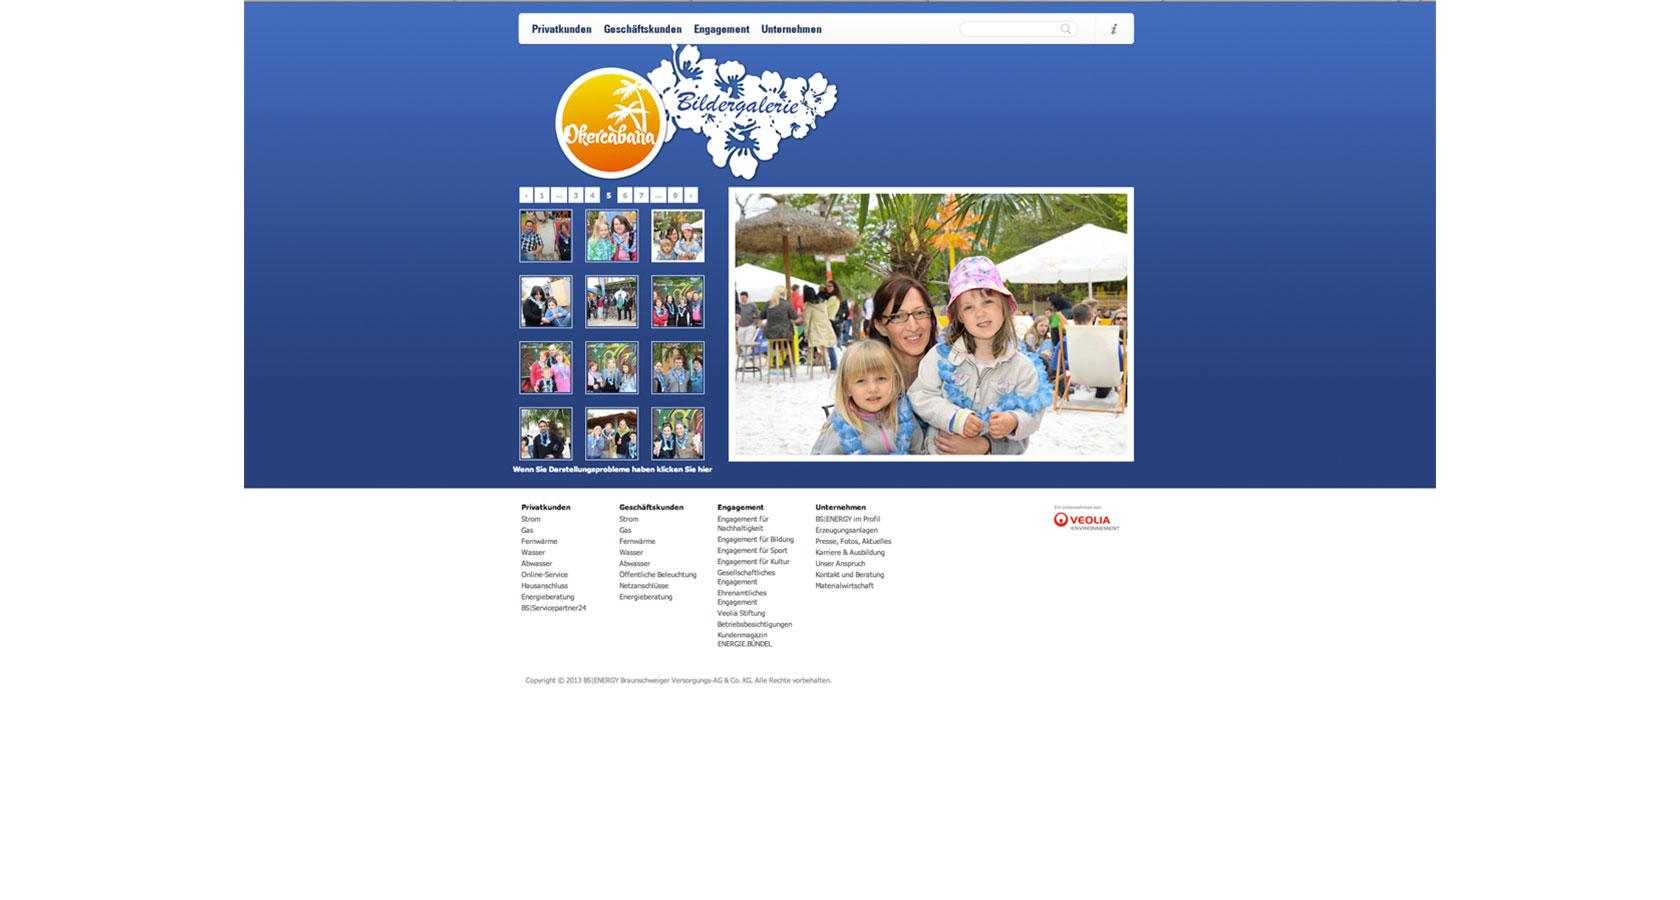 Screenshot der Bildergalerie auf der Website von BS|ENERGY